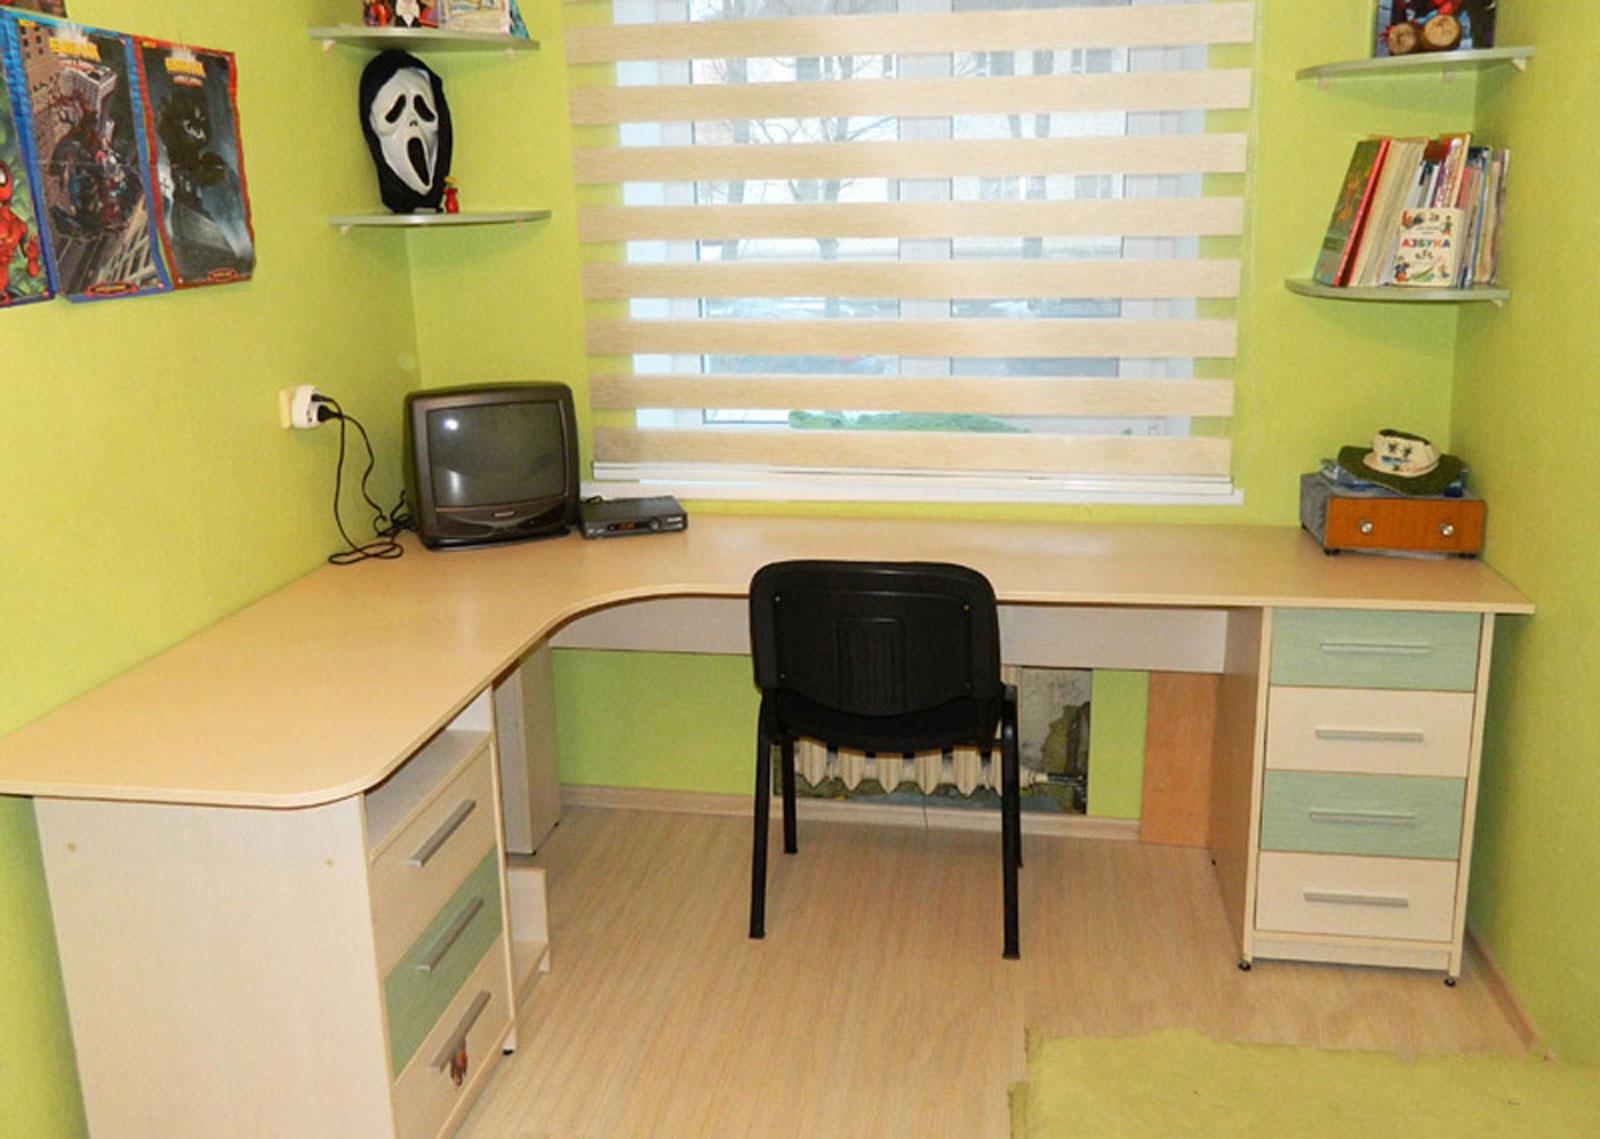 Письменный стол в Ярославле - купить письменные столы недоро.